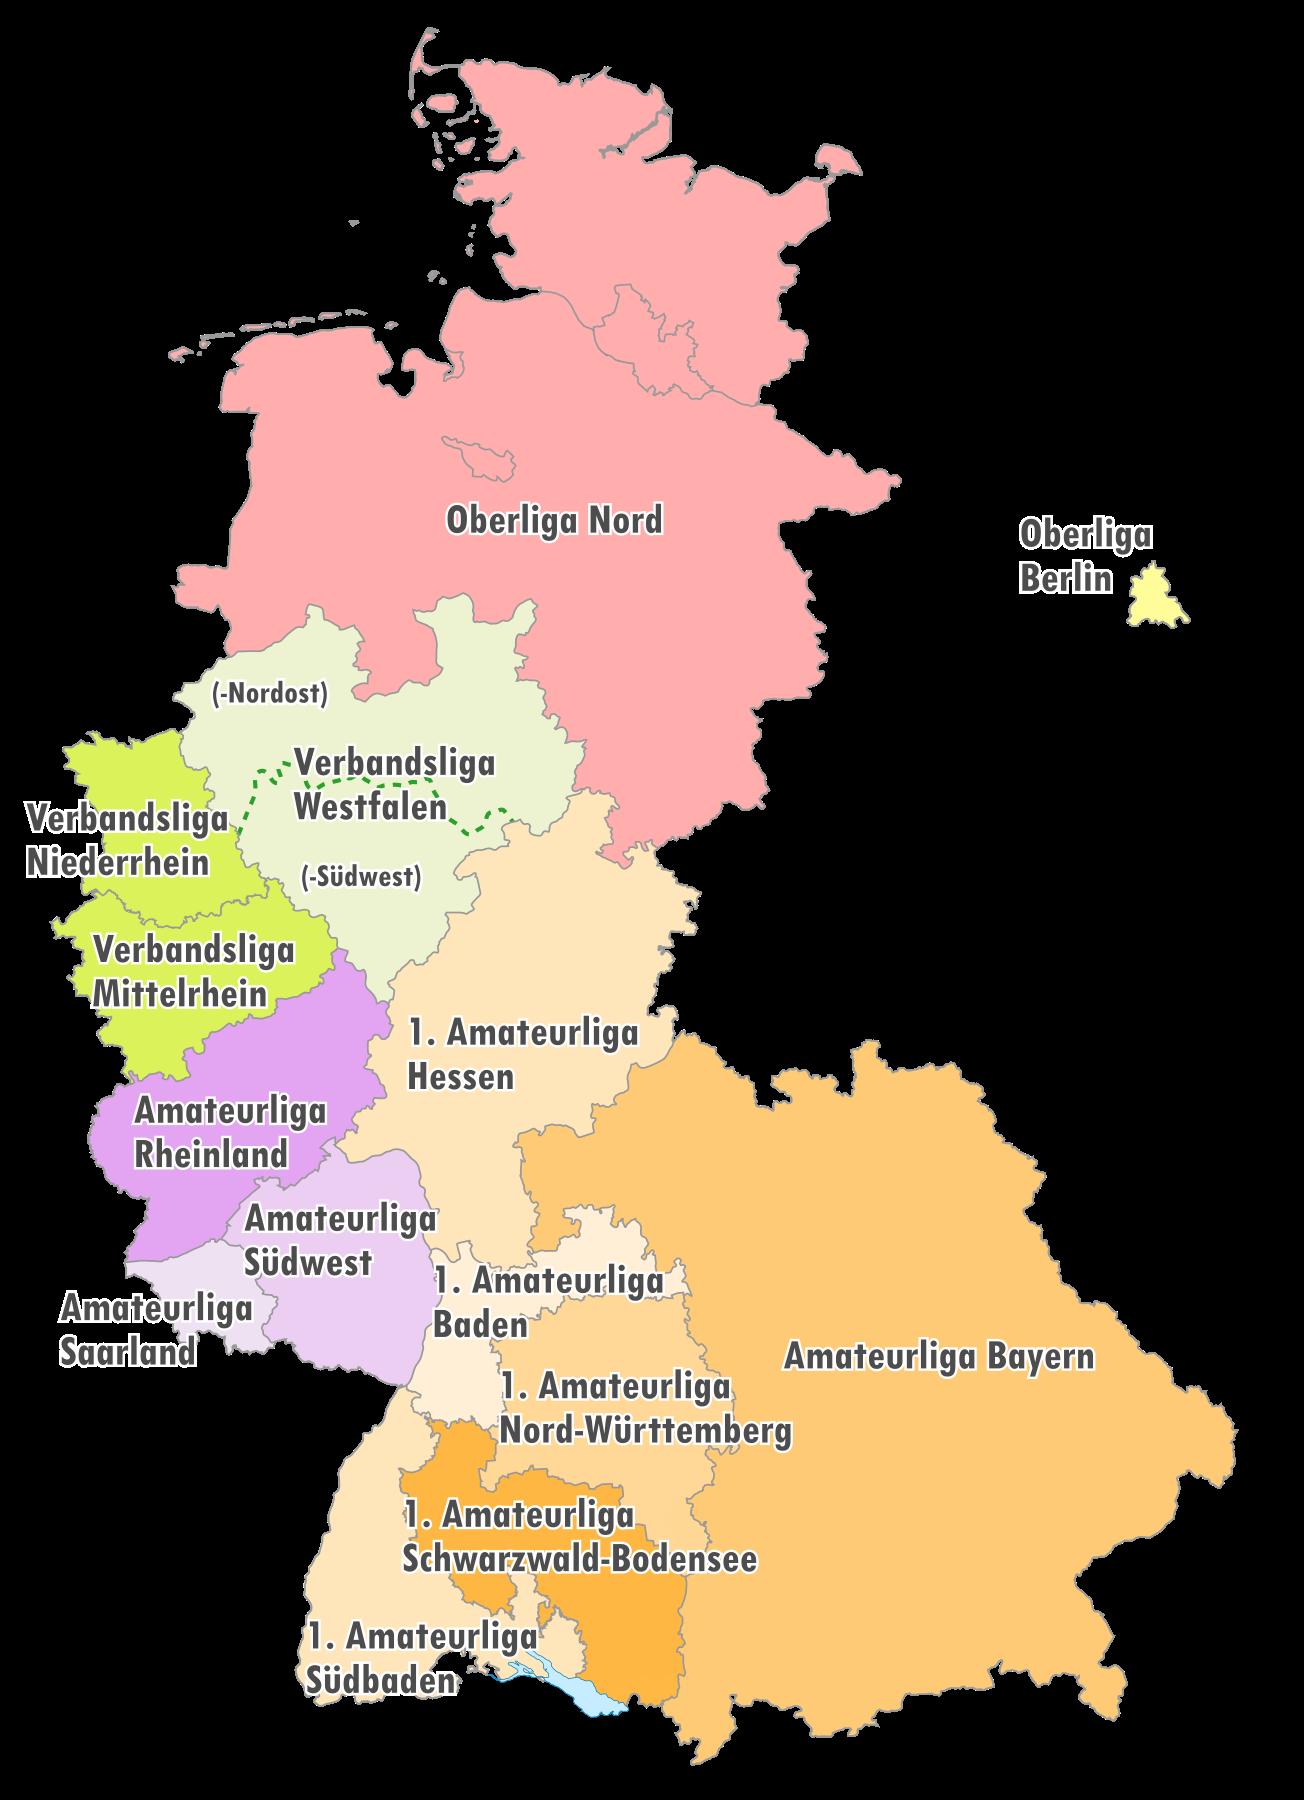 Geografische Einteilung der Oberligen zur Saison 1975/76